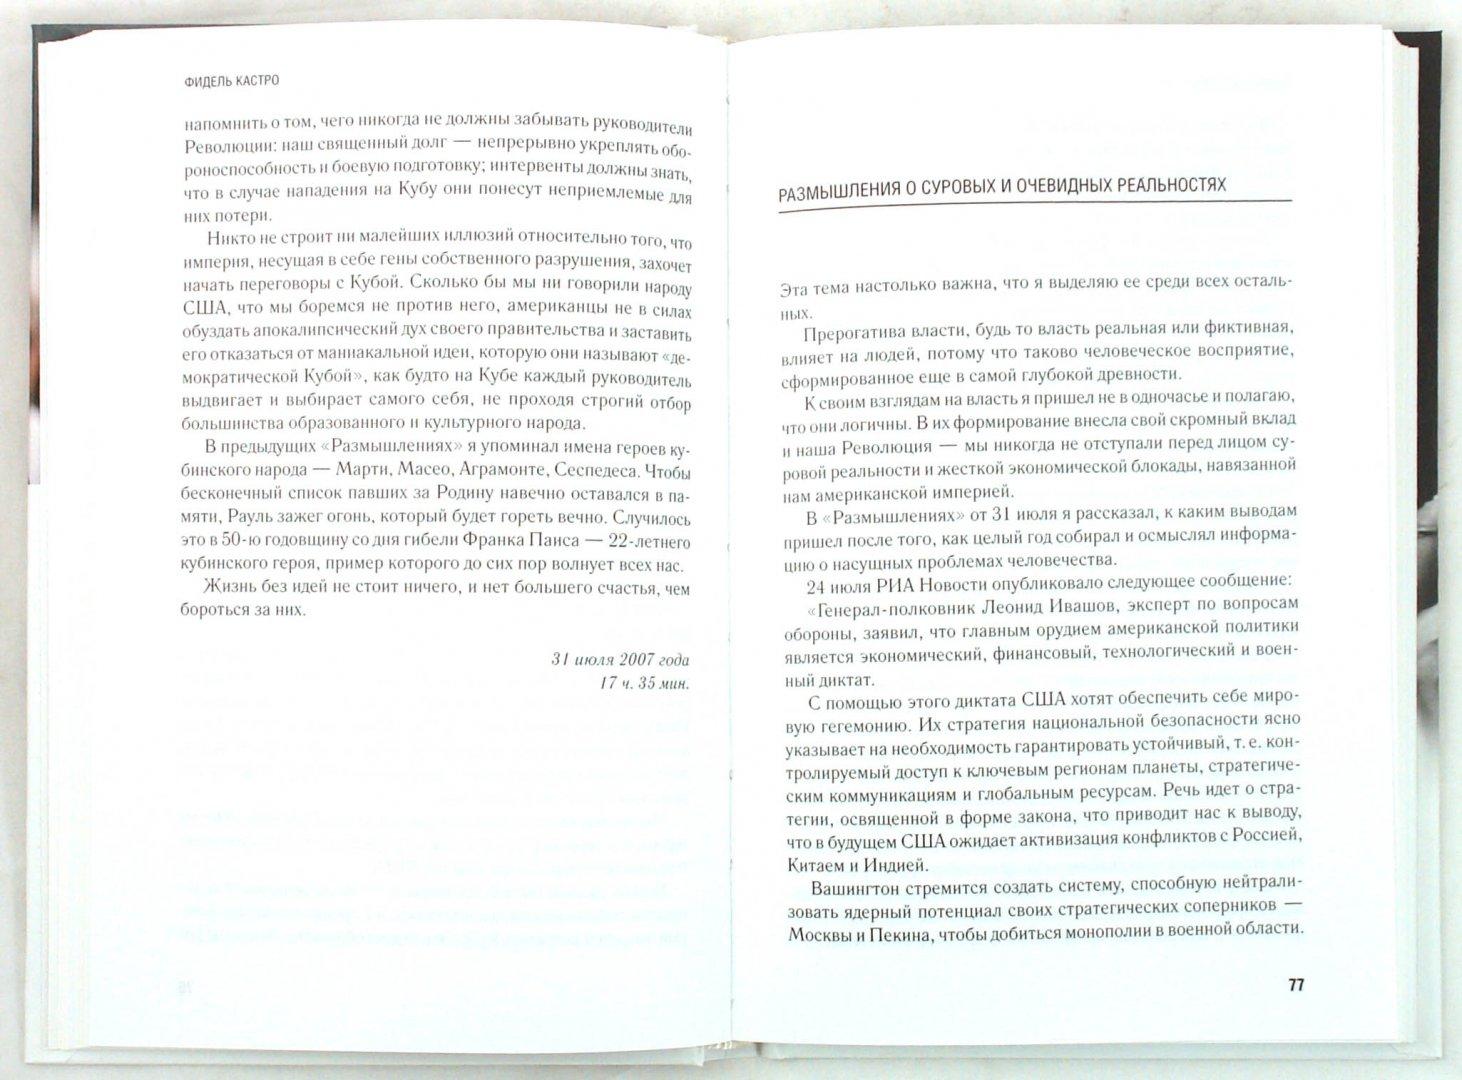 Иллюстрация 1 из 32 для Размышления команданте - Фидель Кастро | Лабиринт - книги. Источник: Лабиринт